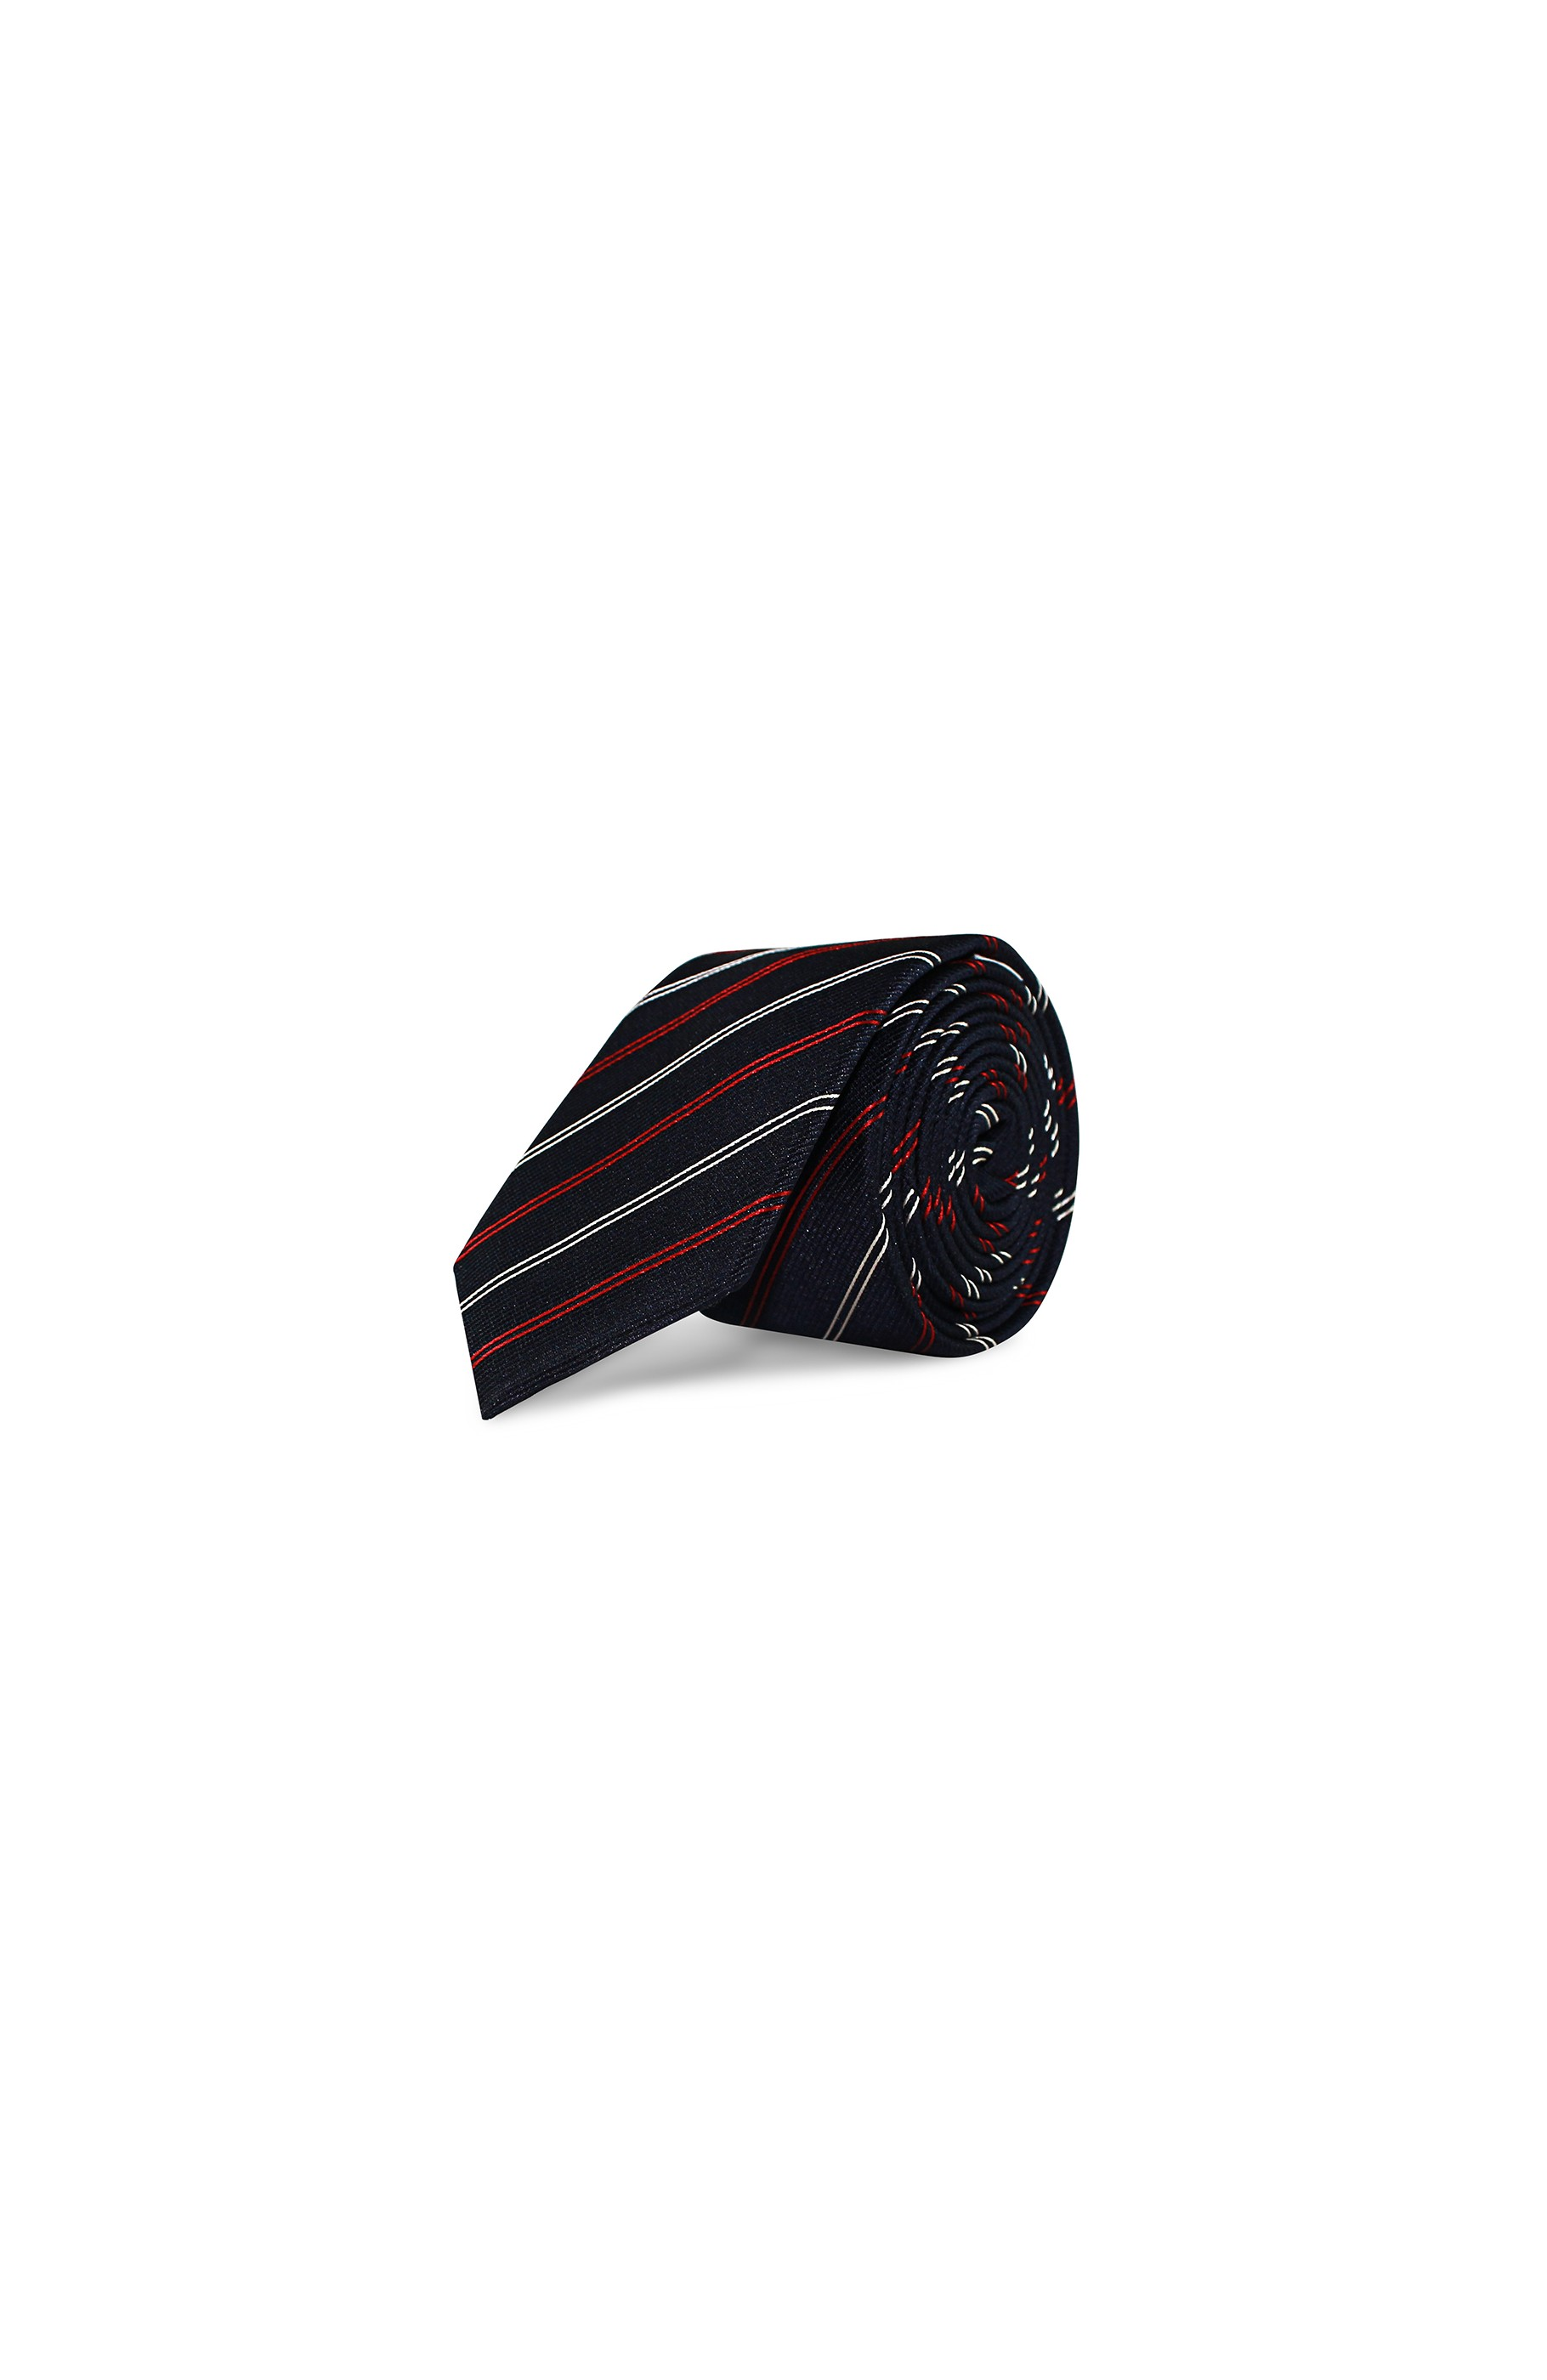 Majesté Couture Paris: Regular oxford navy tie | Accessories -  Hiphunters Shop